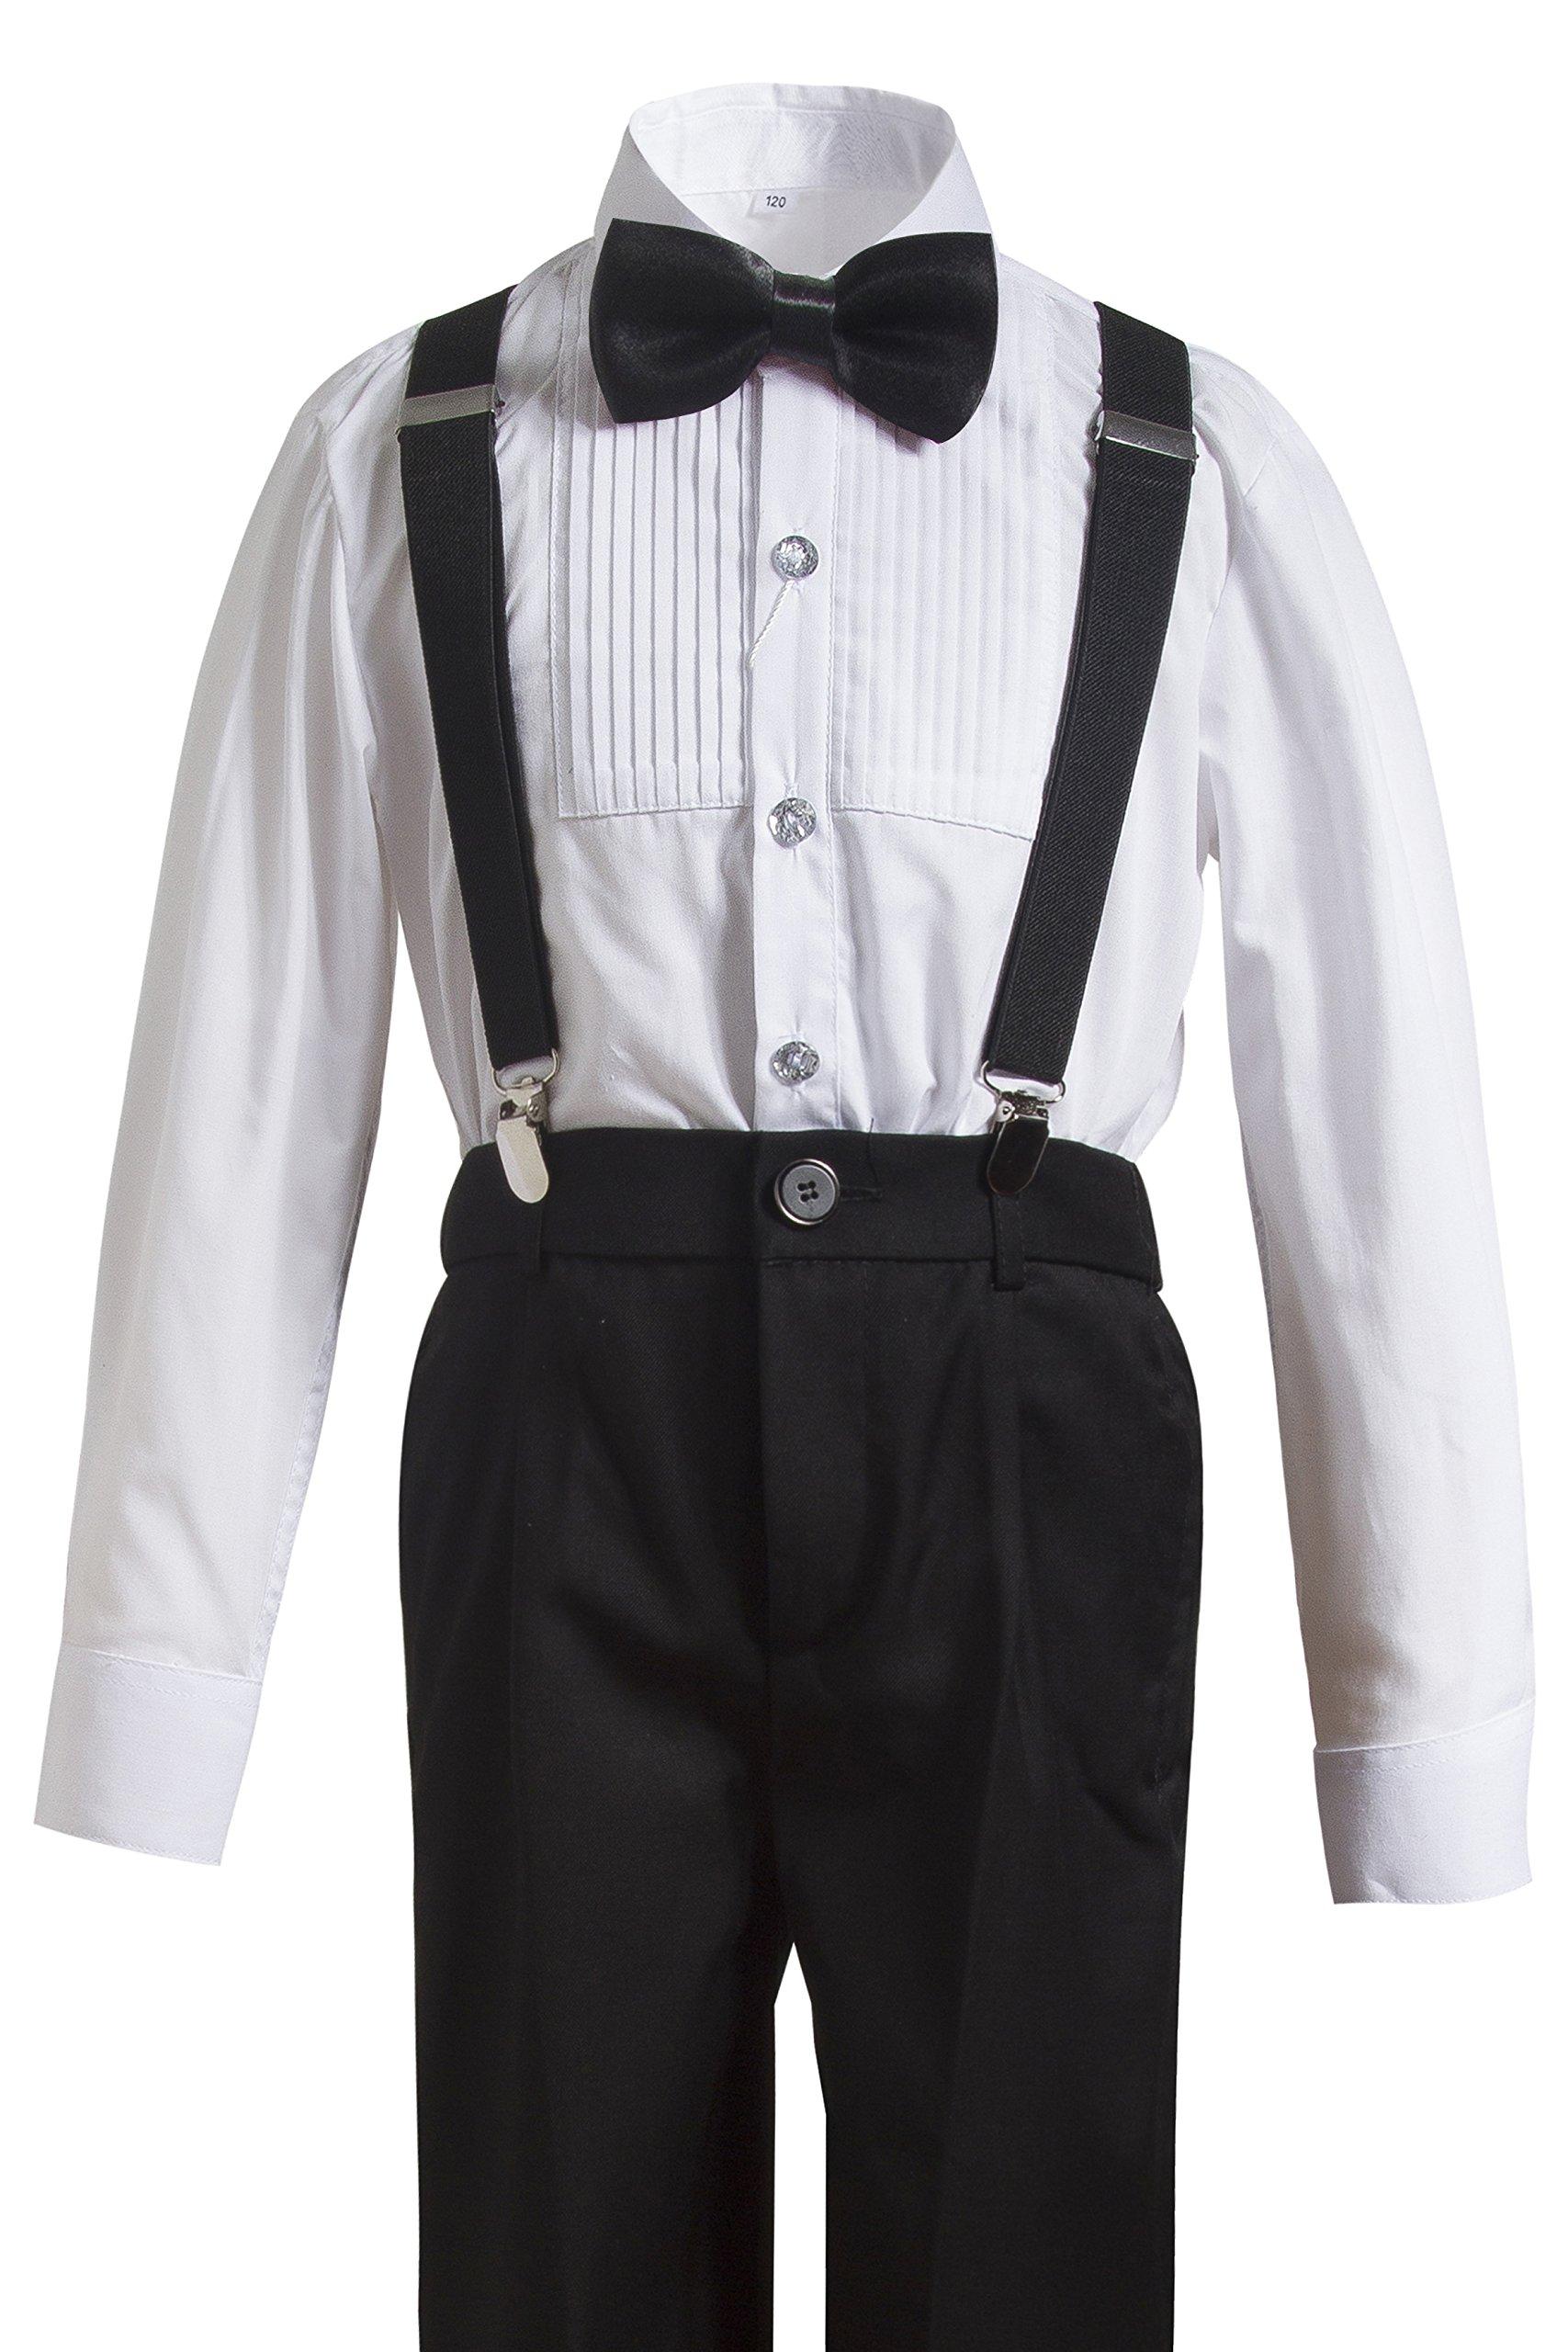 Gele Boy 4 Pieces Suspender Trousers Formal Wear,Shirt+Pants+Straps+Bow Tie (7, Black)